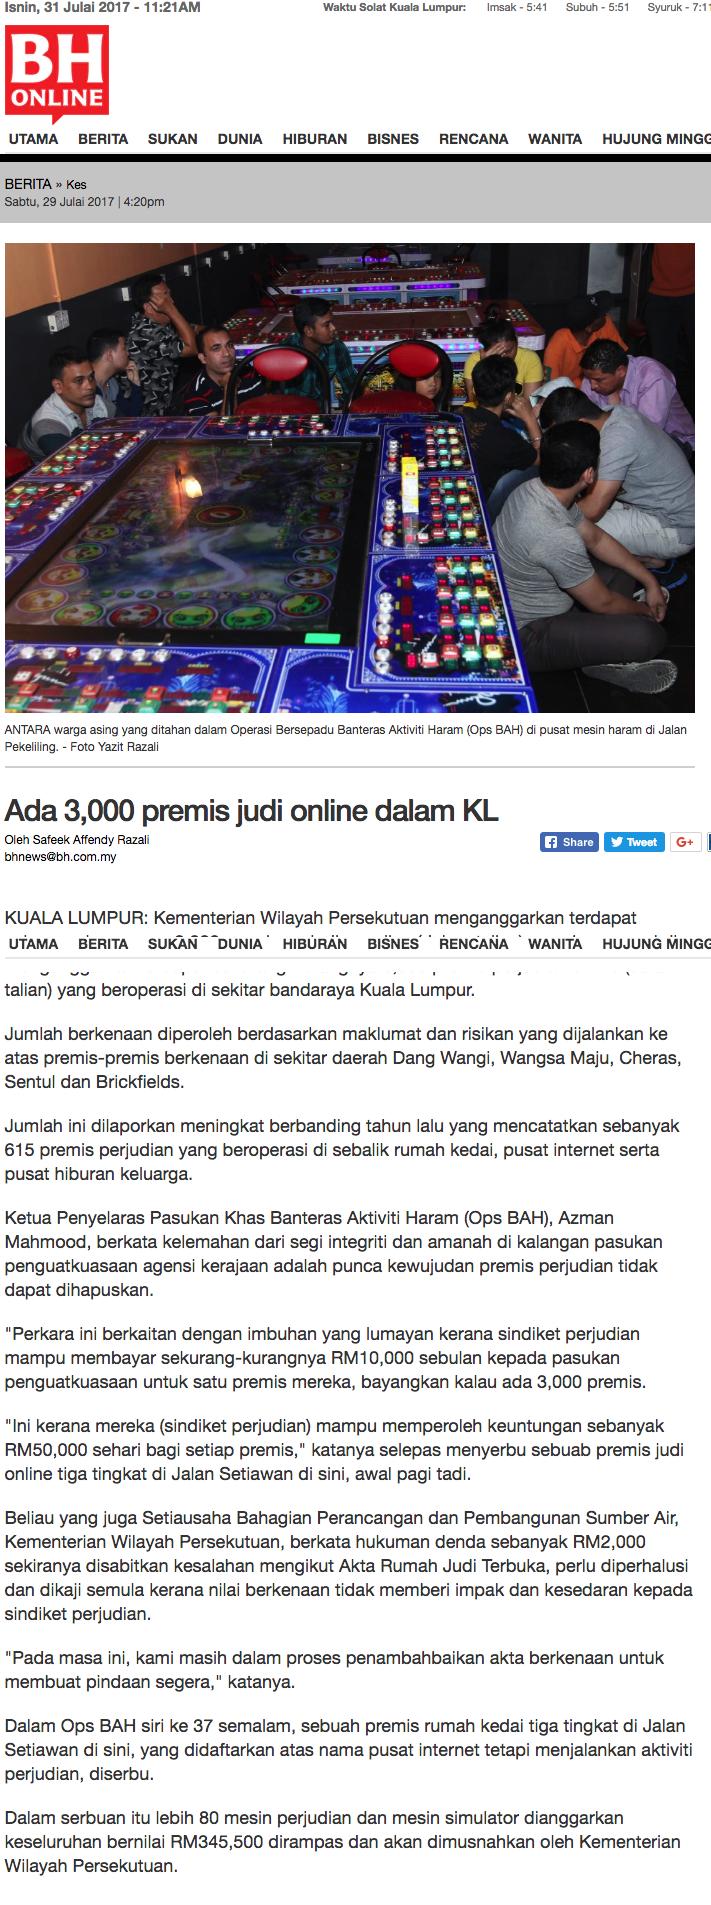 Ada 3 000 premis judi online dalam KL Kes Berita Harian